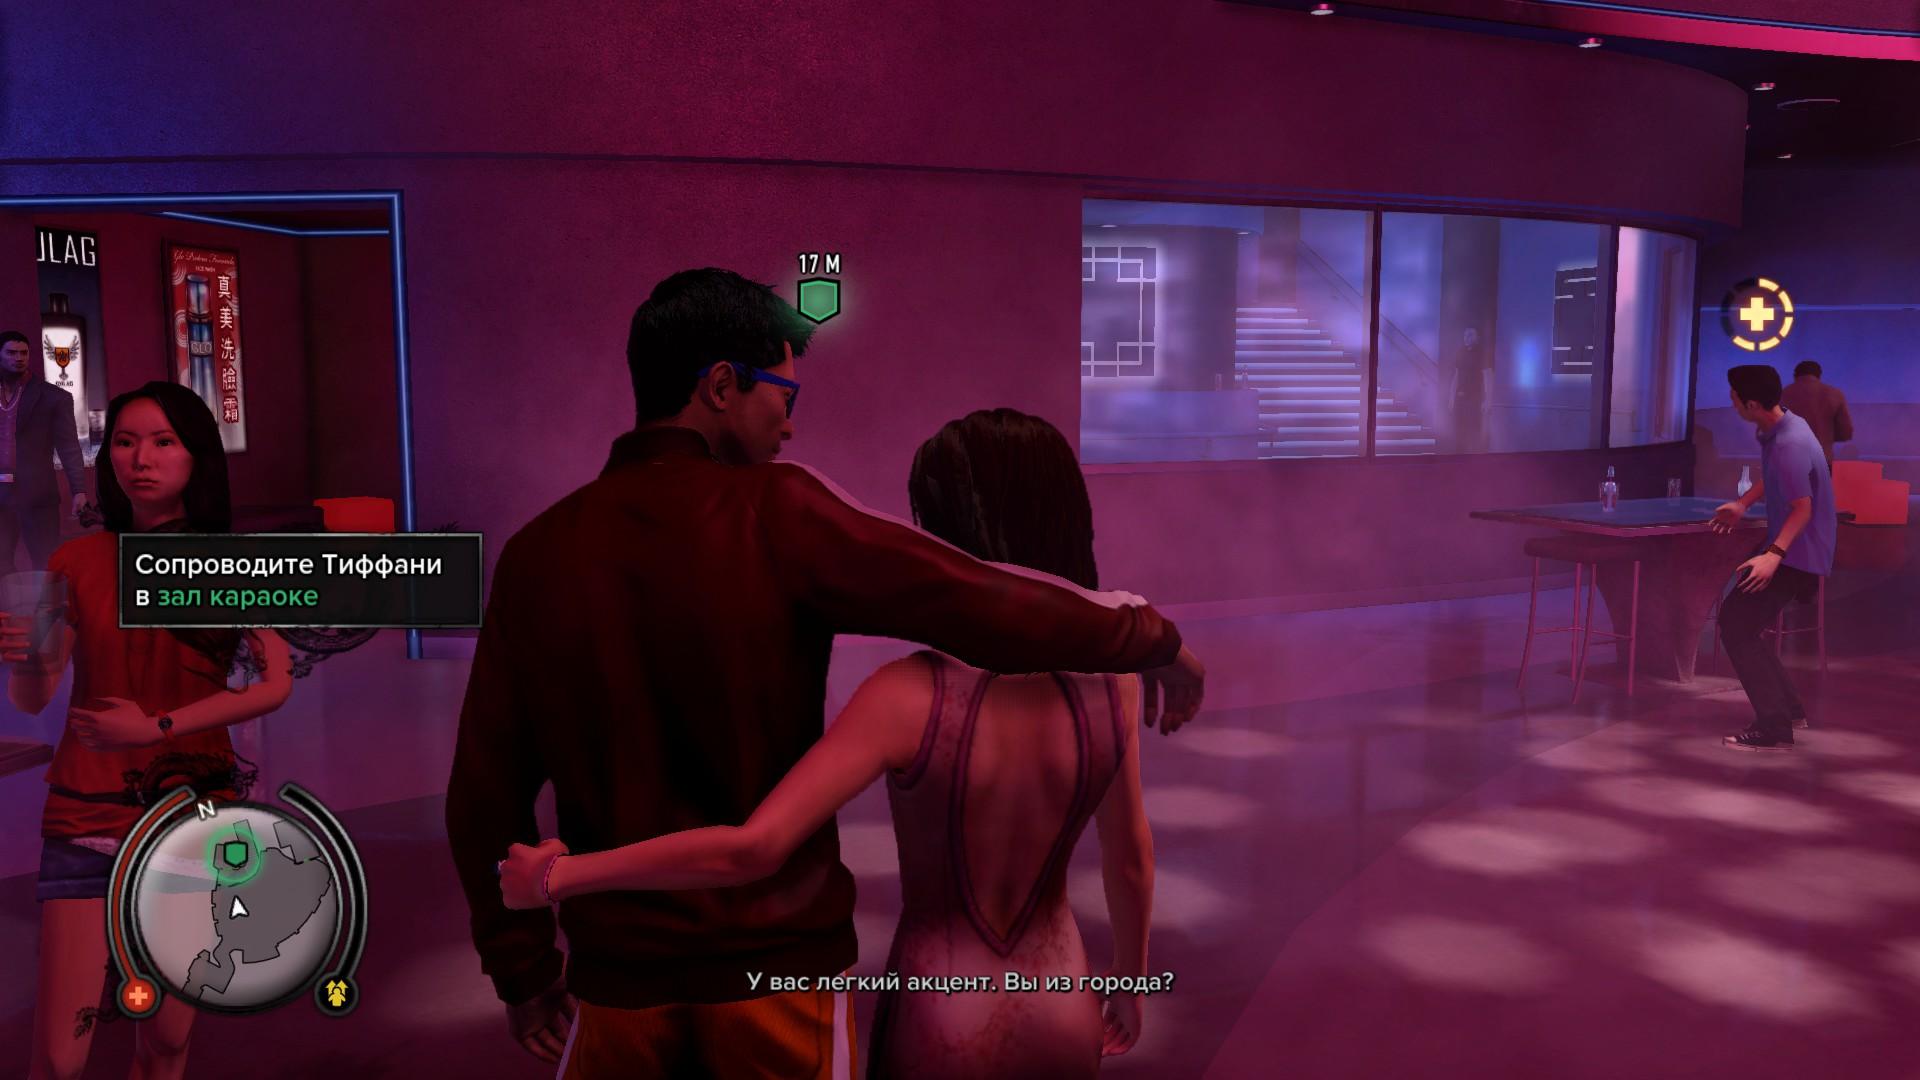 Игры где занимаются сексом